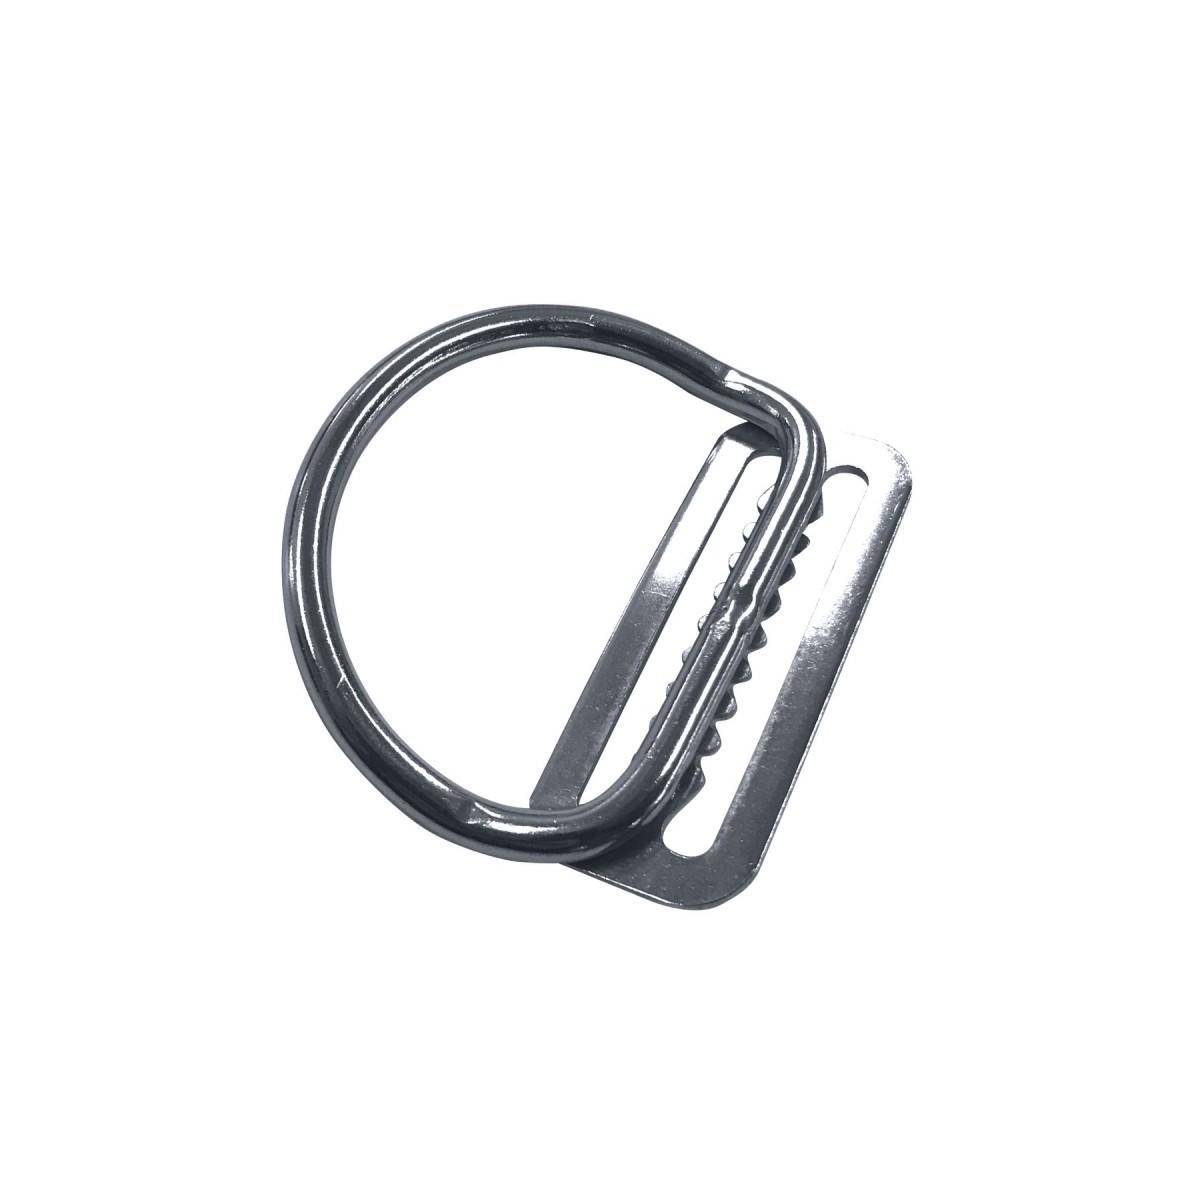 Hollis 45° D-Ring